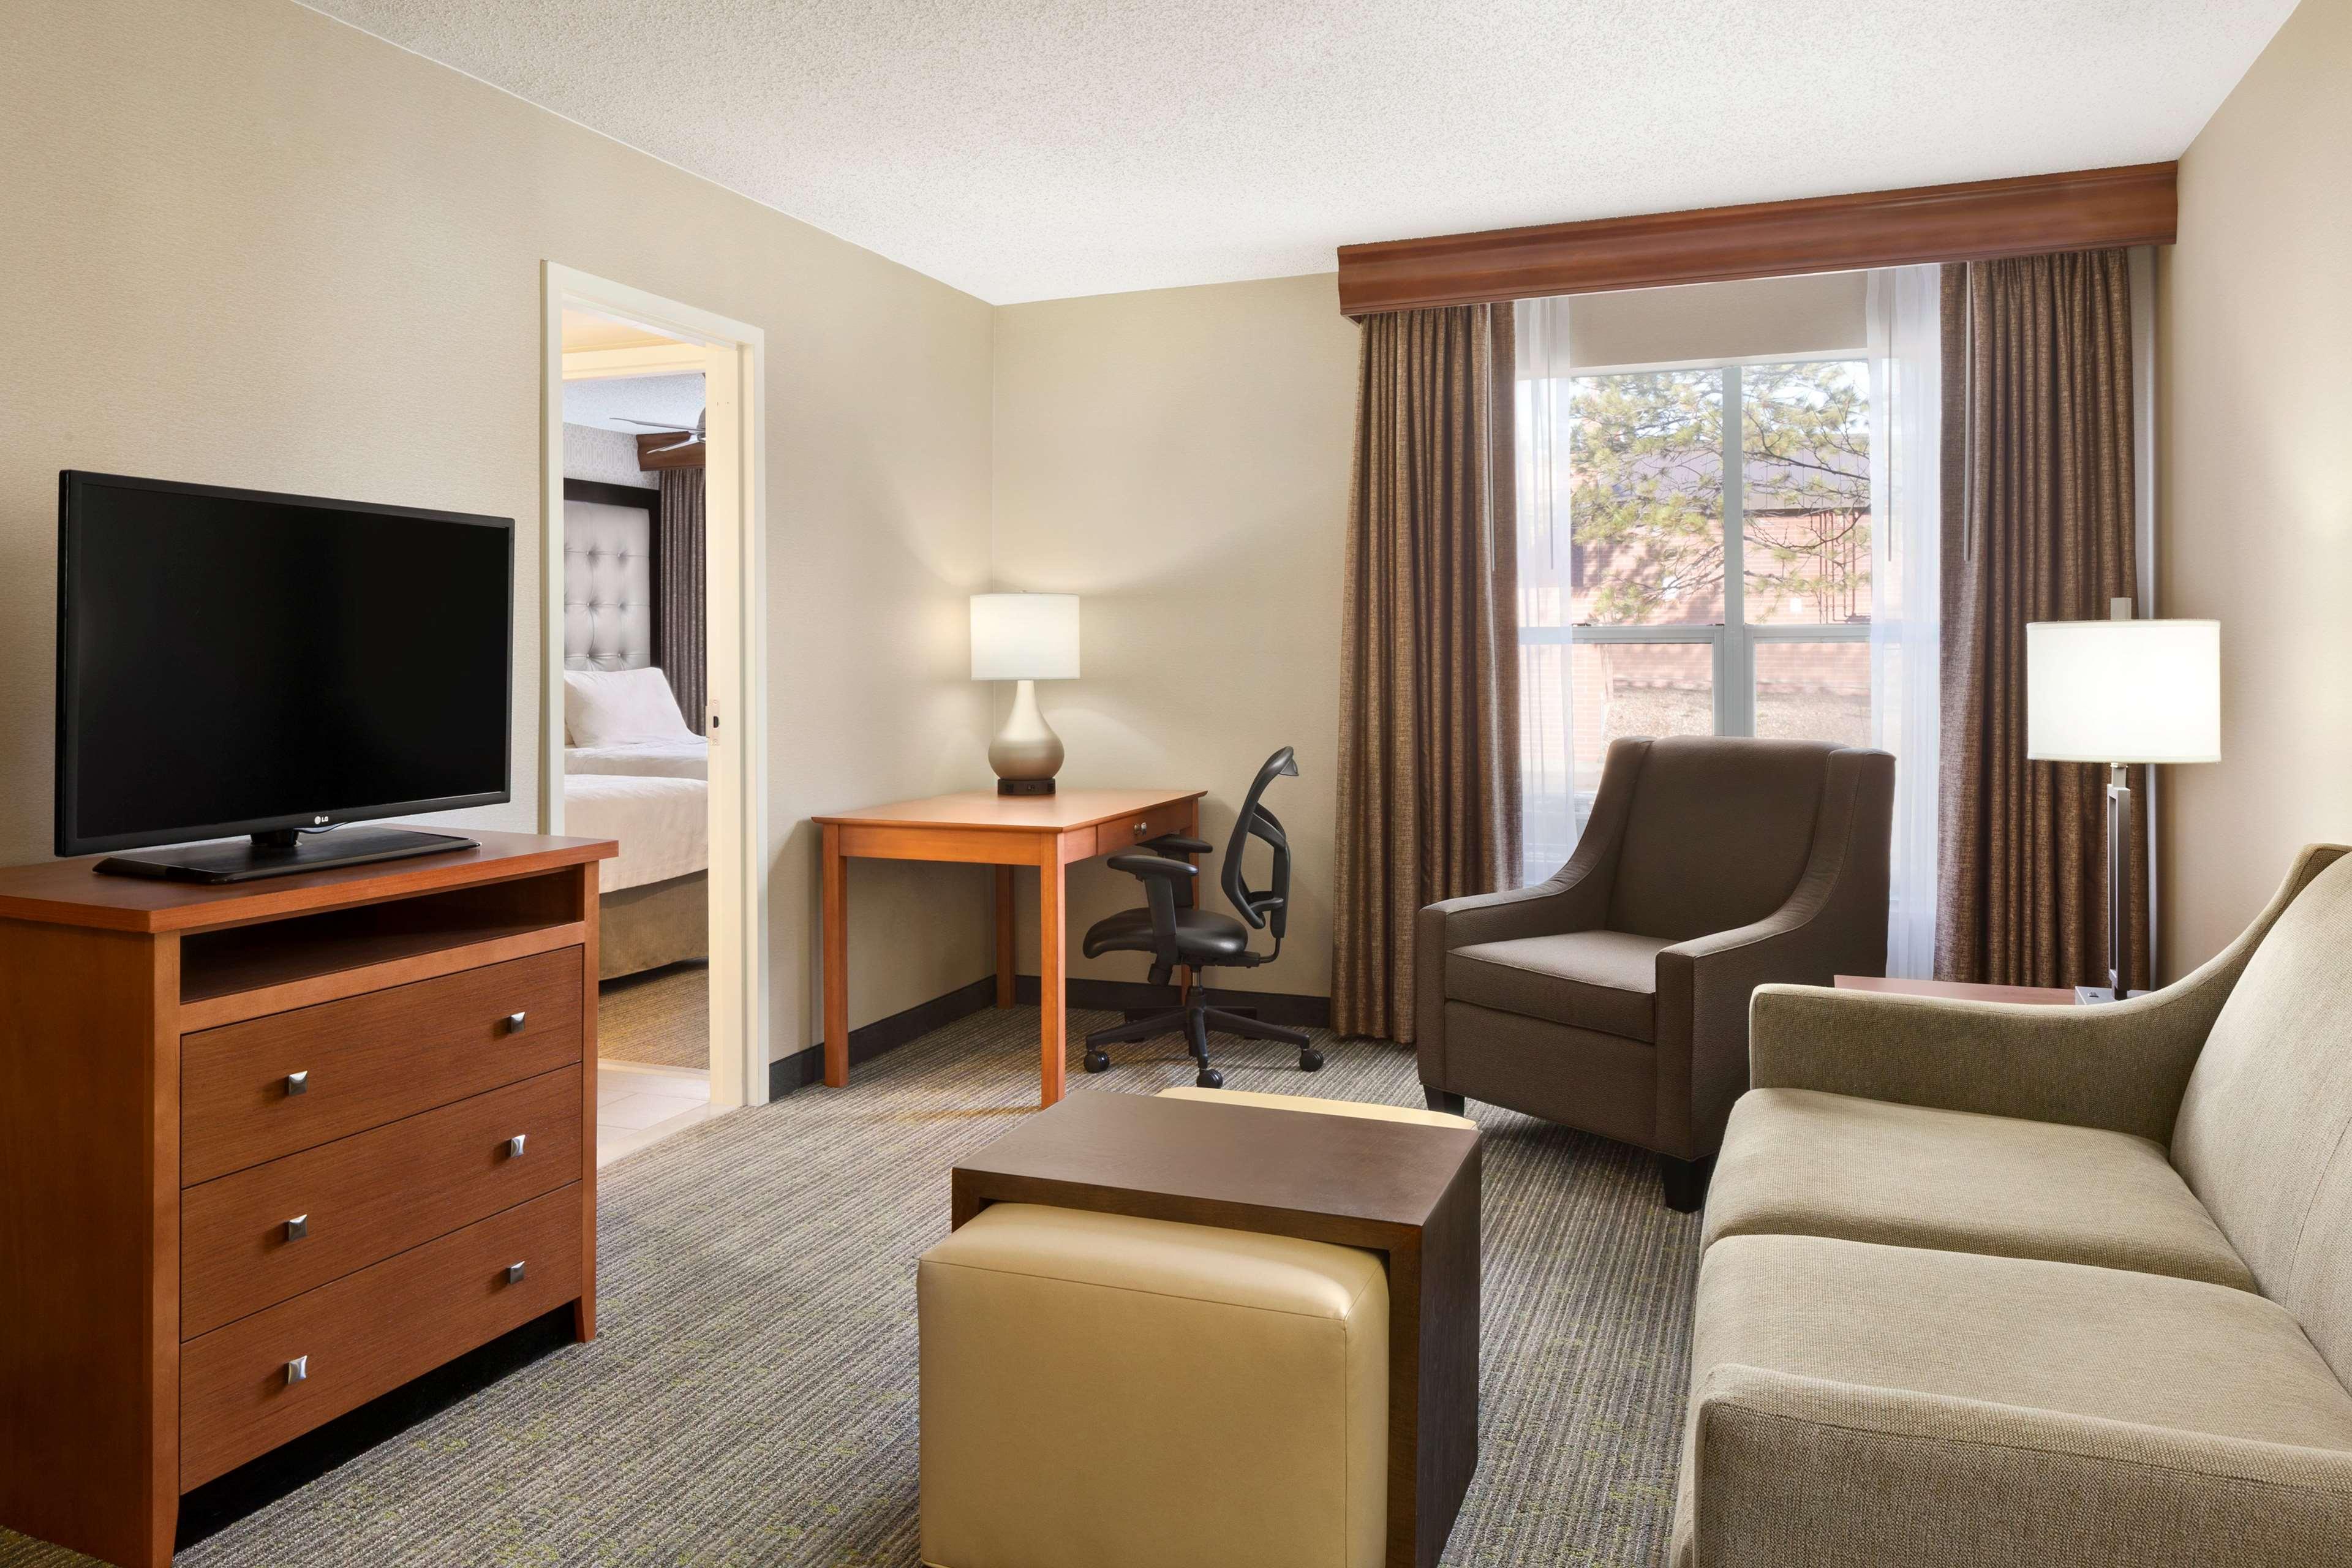 Homewood Suites by Hilton - Boulder image 29